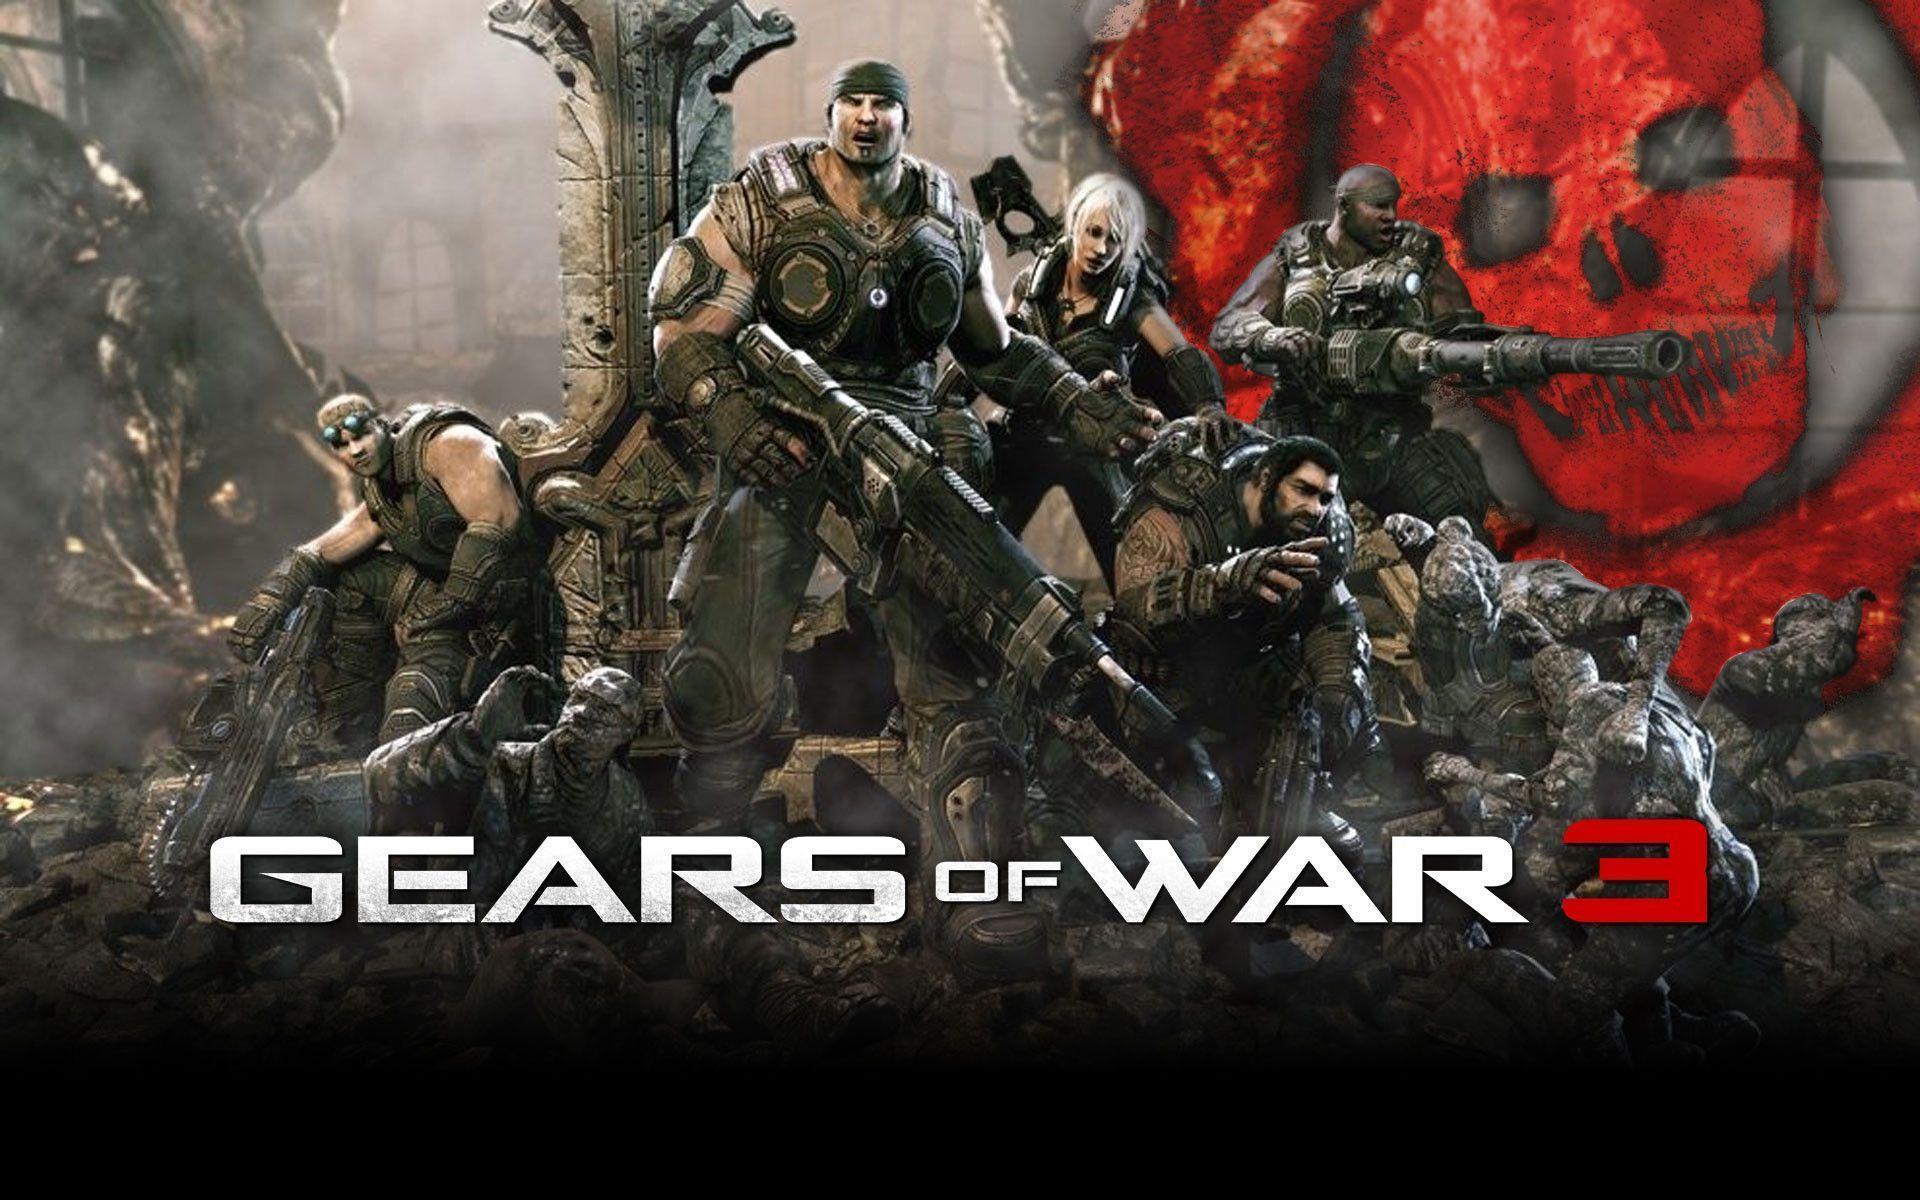 Gears Of War Wallpapers HD - Wallpaper Cave